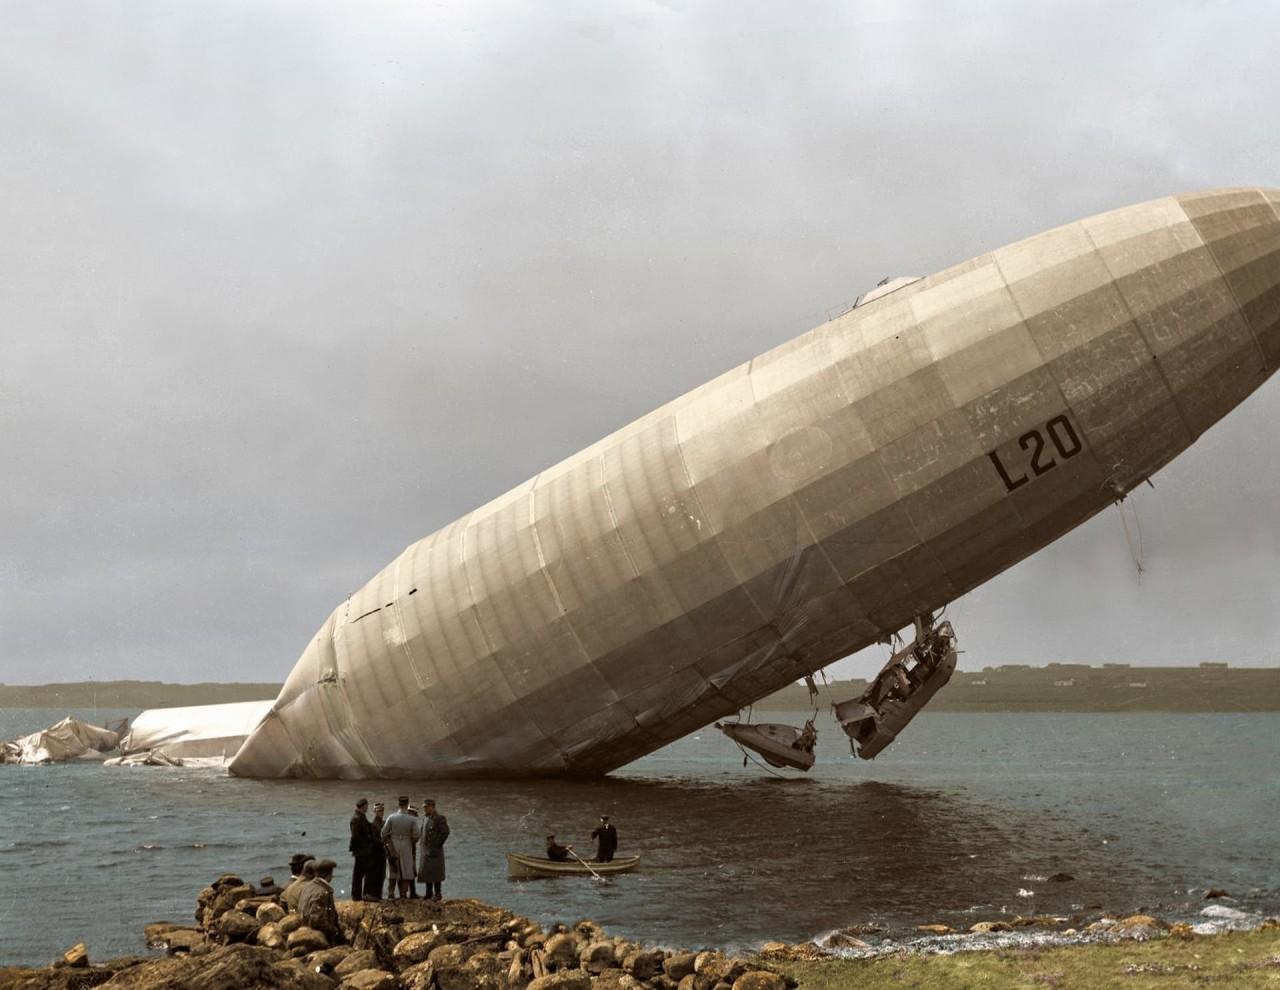 """Немецкий дирижабль """"Цеппелин LZ 59"""" (военно-морское обозначение L 20) после атаки на английский регион Мидлендс архивное фото, колоризация, колоризация фотографий, колоризированные снимки, первая мировая, первая мировая война, фото войны"""